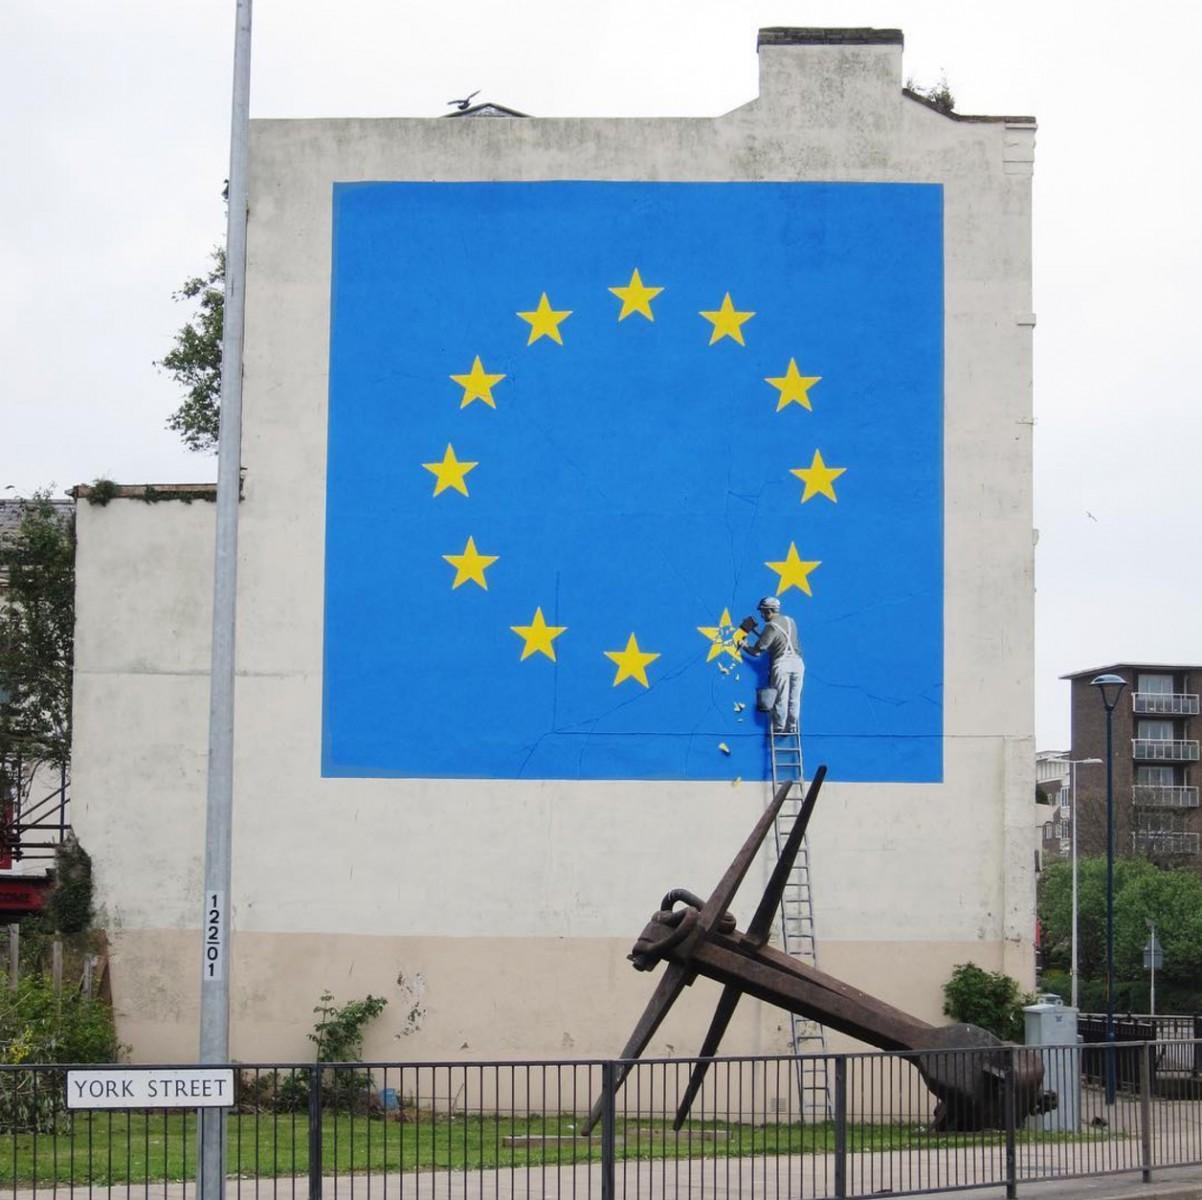 BANKSY Unveils Massive European Union Flag